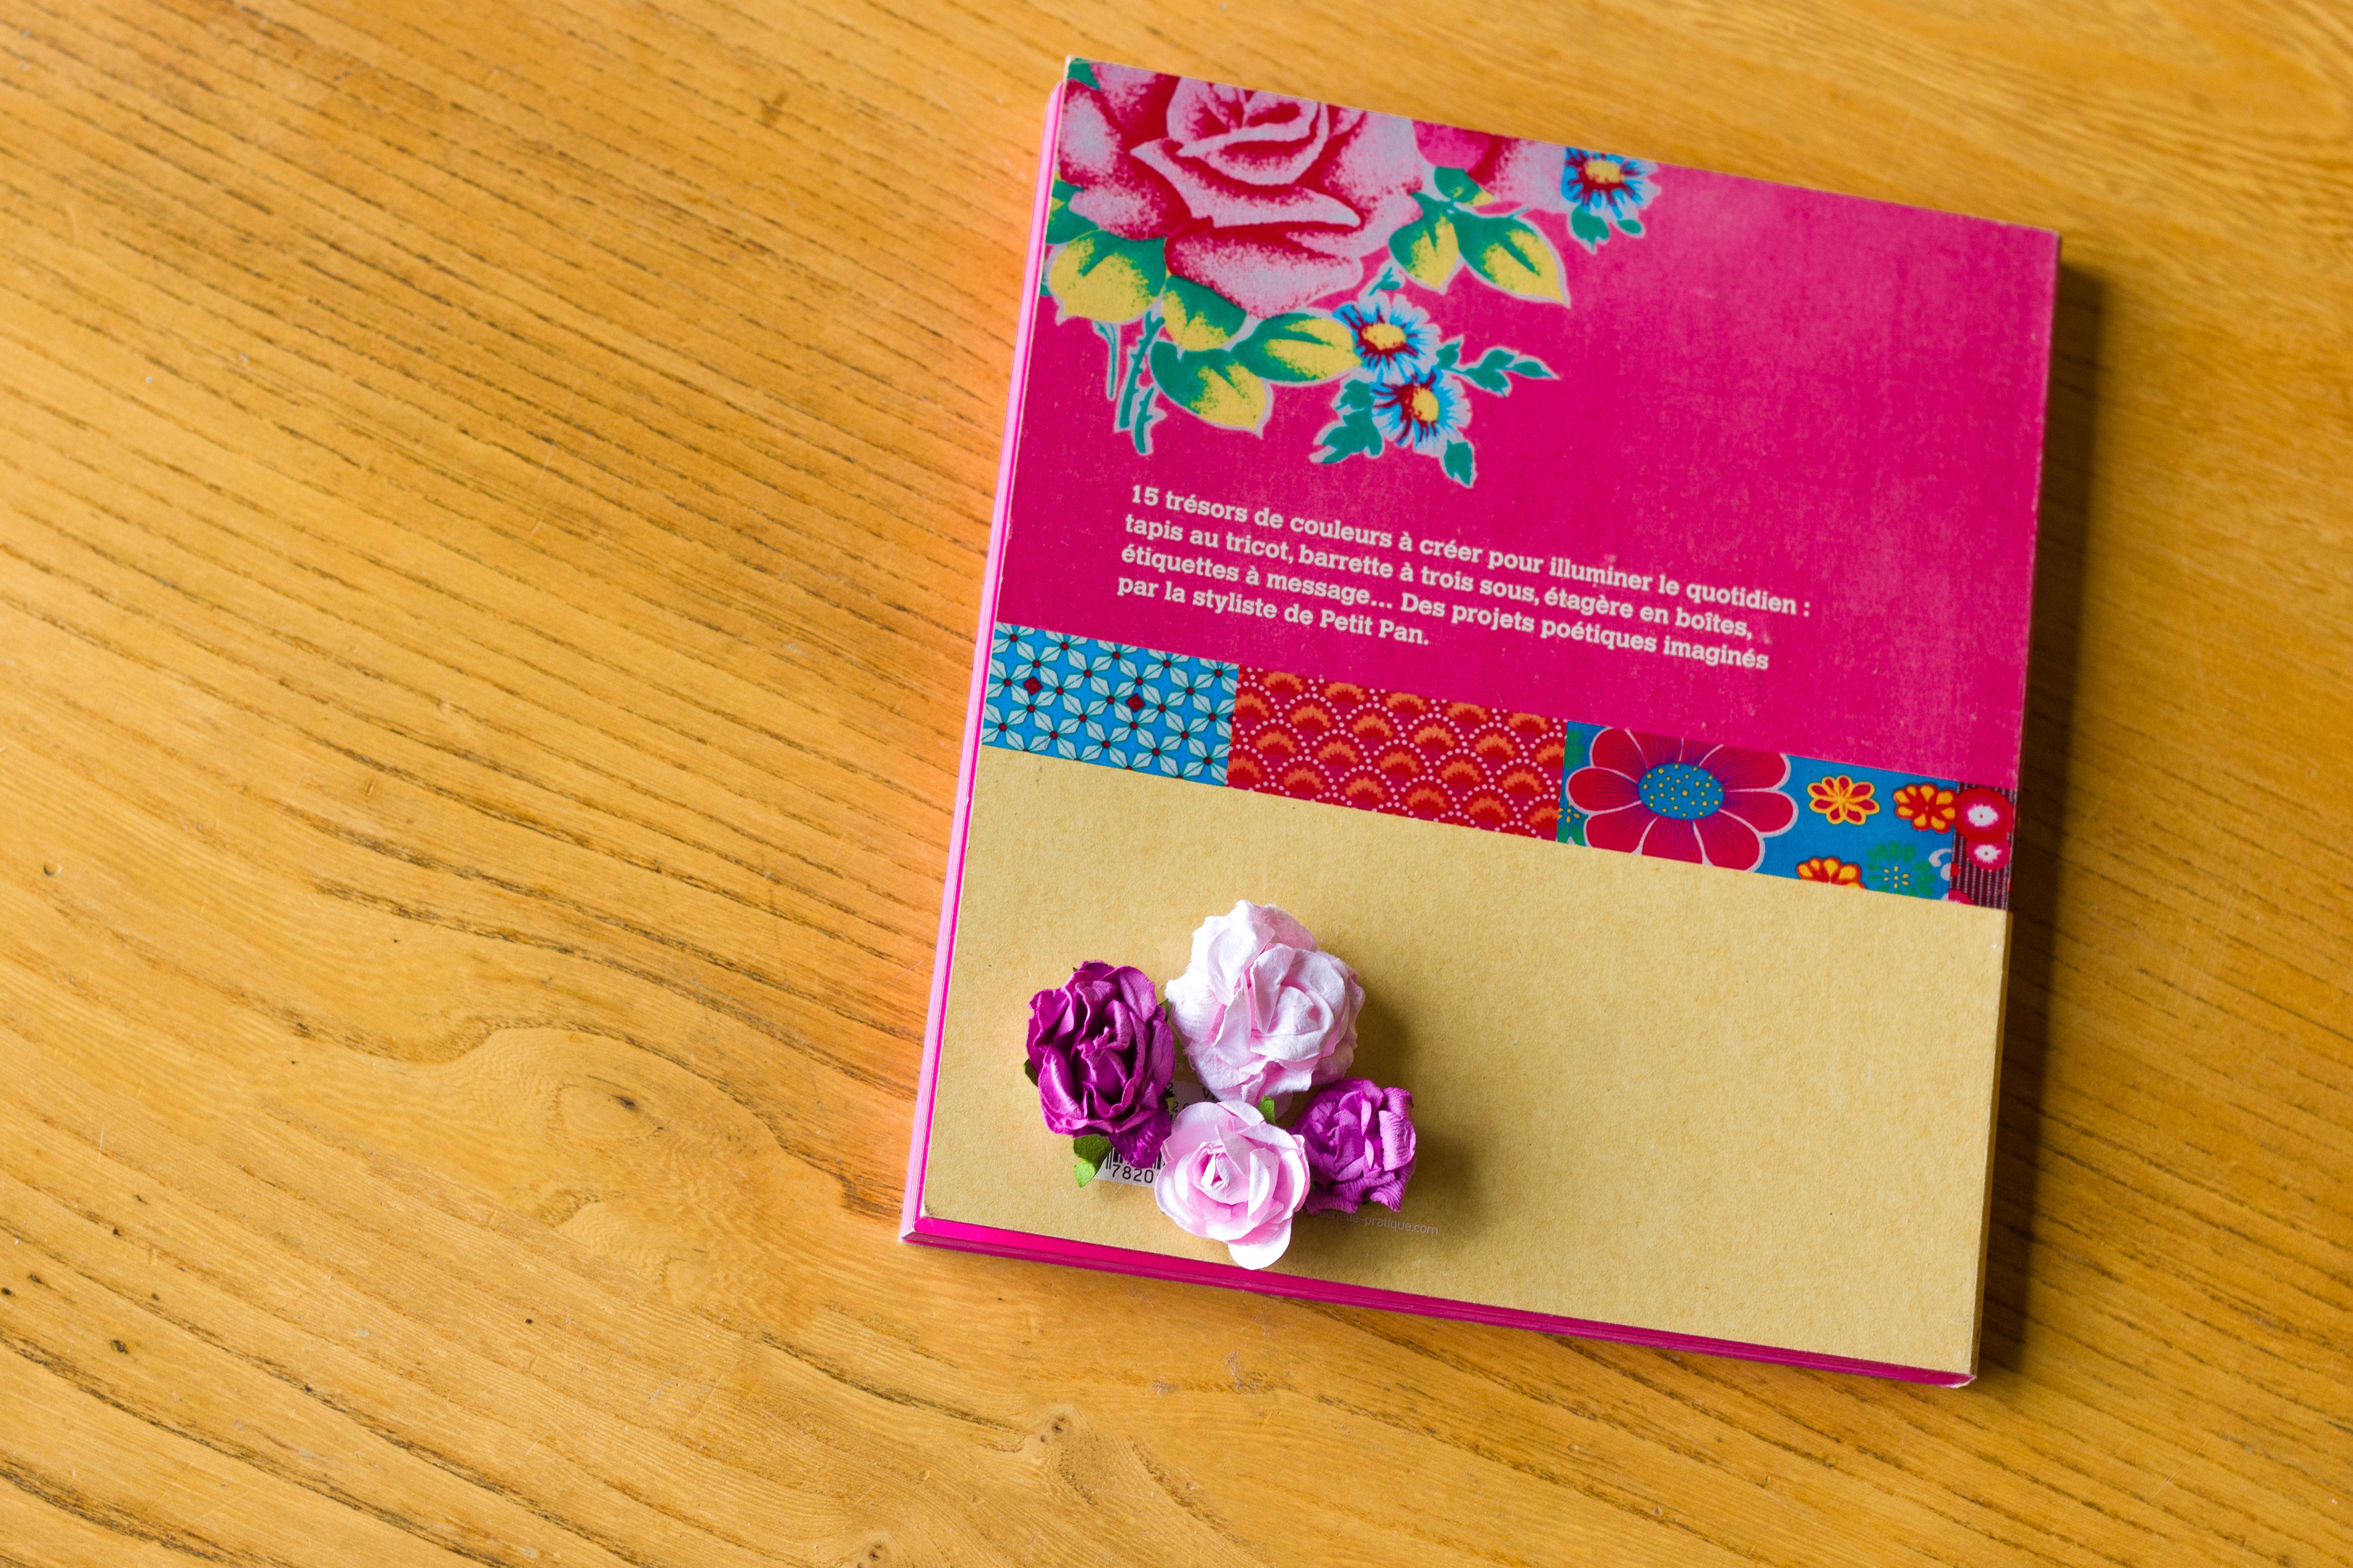 Petit Pan : Vivre en multicolore le livre